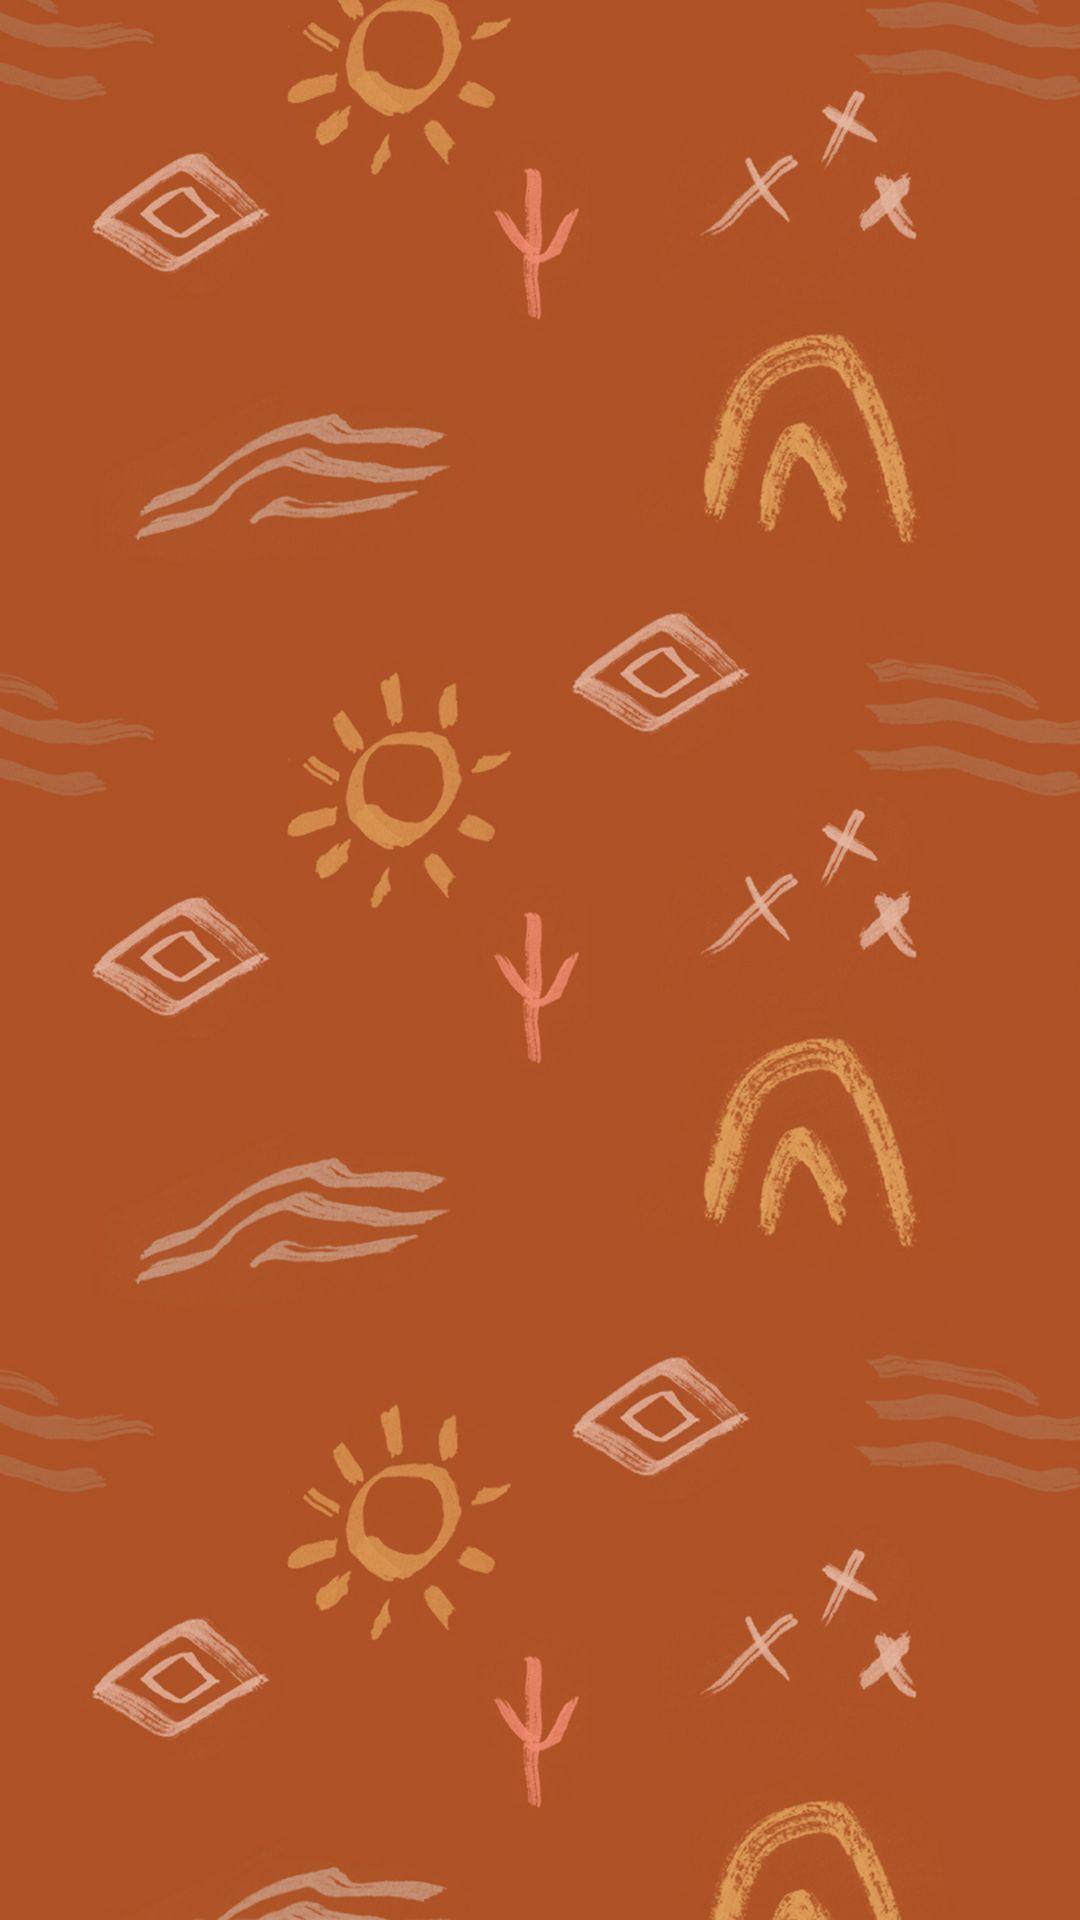 Desert Inspired Iphone Wallpaper Wallpaper Iphone Boho Boho Wallpaper Iphone Background Wallpaper